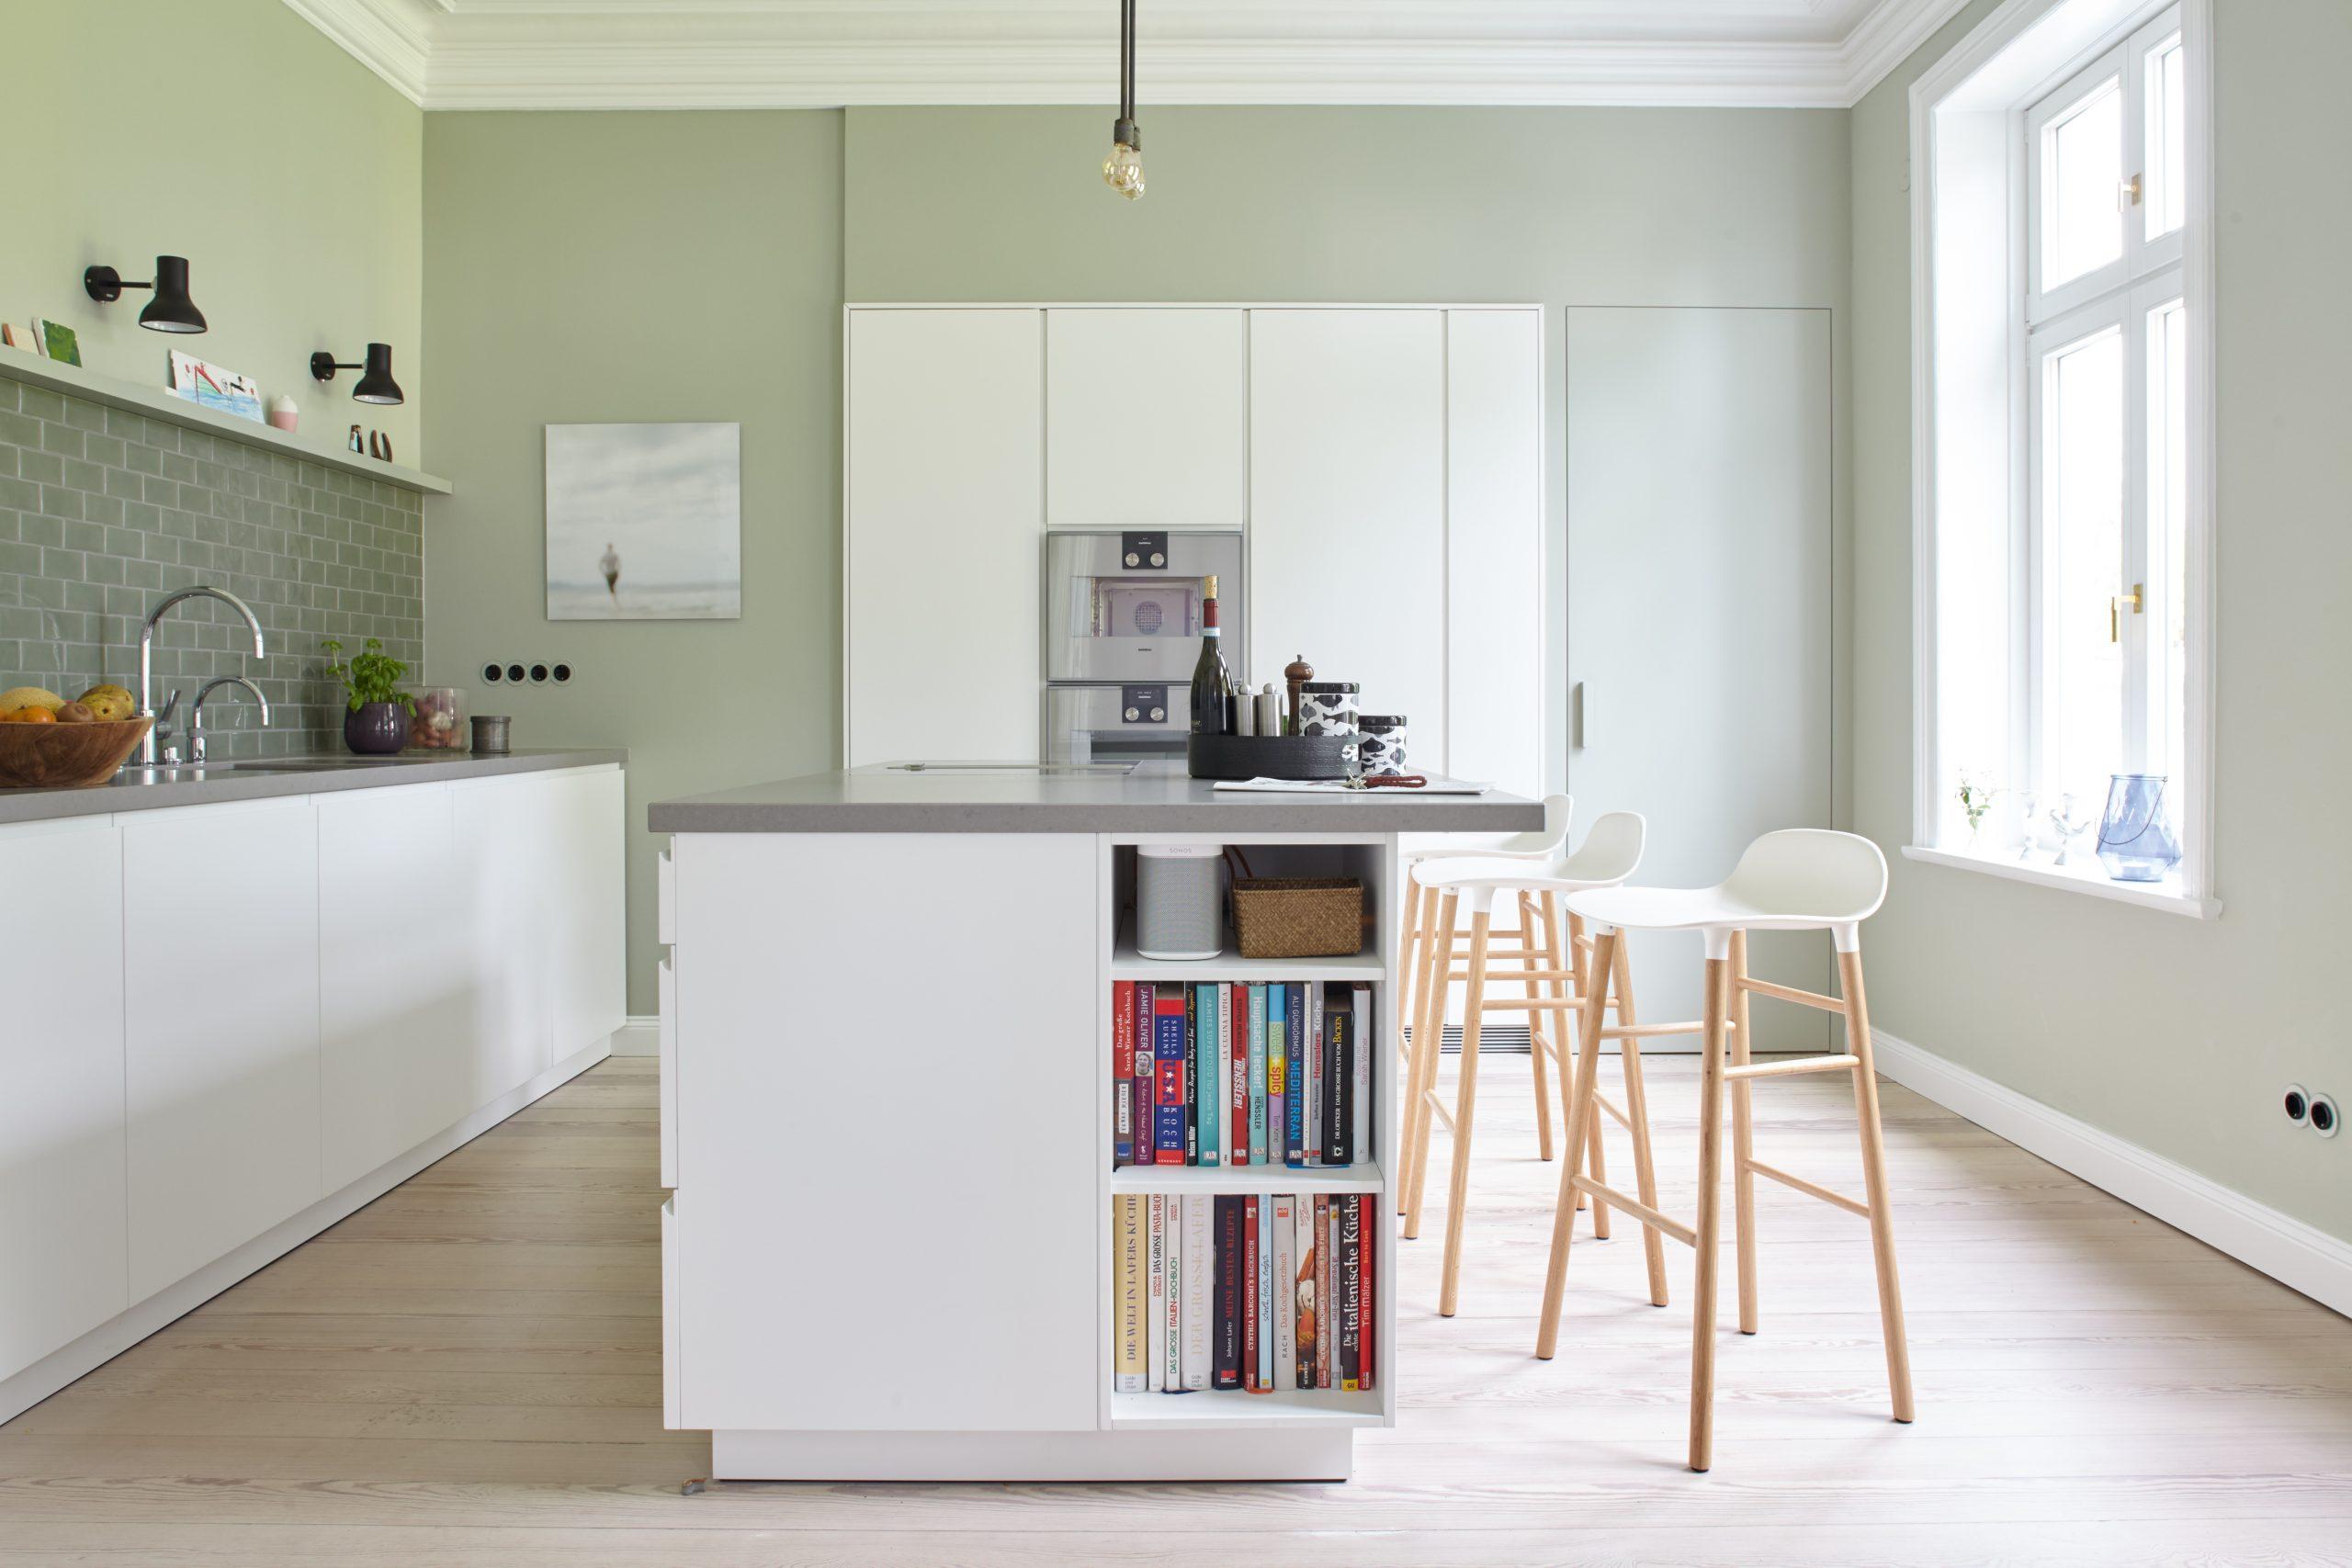 Full Size of Dunkle Küche Einrichten Küche Einrichten Lebensmittel Küche Einrichten Ikea Apothekerschrank Küche Einrichten Küche Küche Einrichten